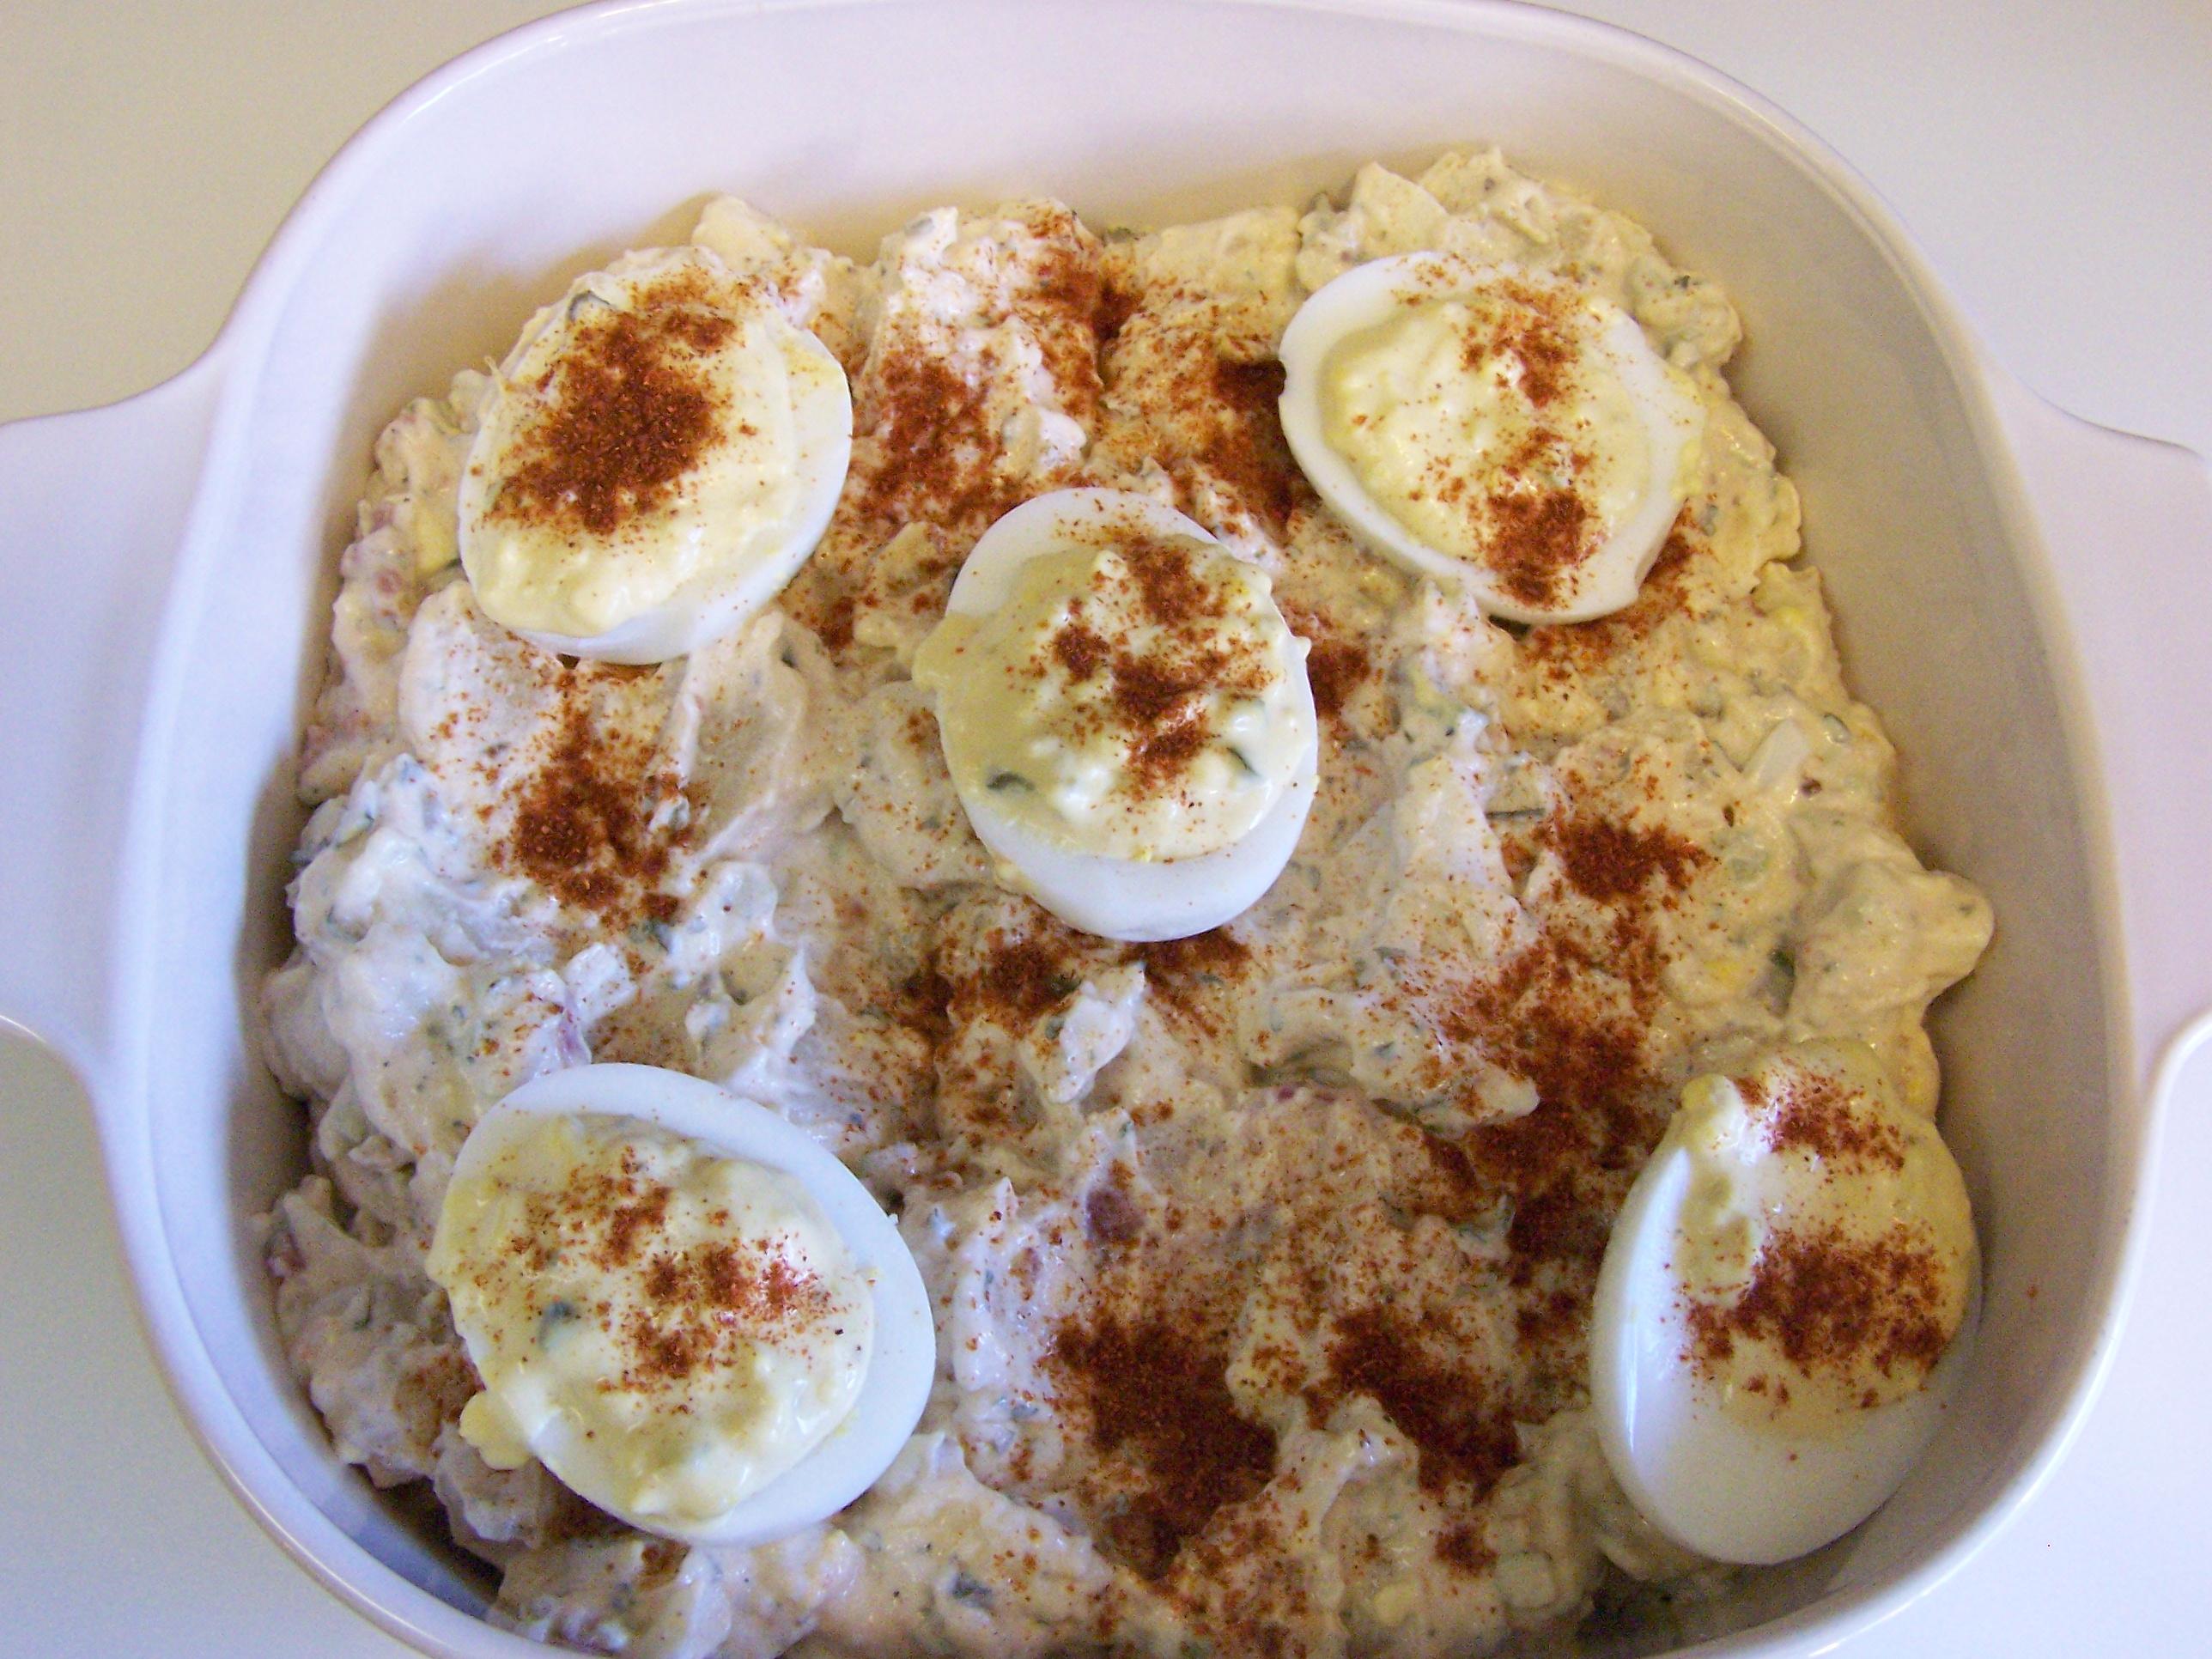 Deviled egg potato salad recipe ain 39 t found a good for How to make deviled egg potato salad